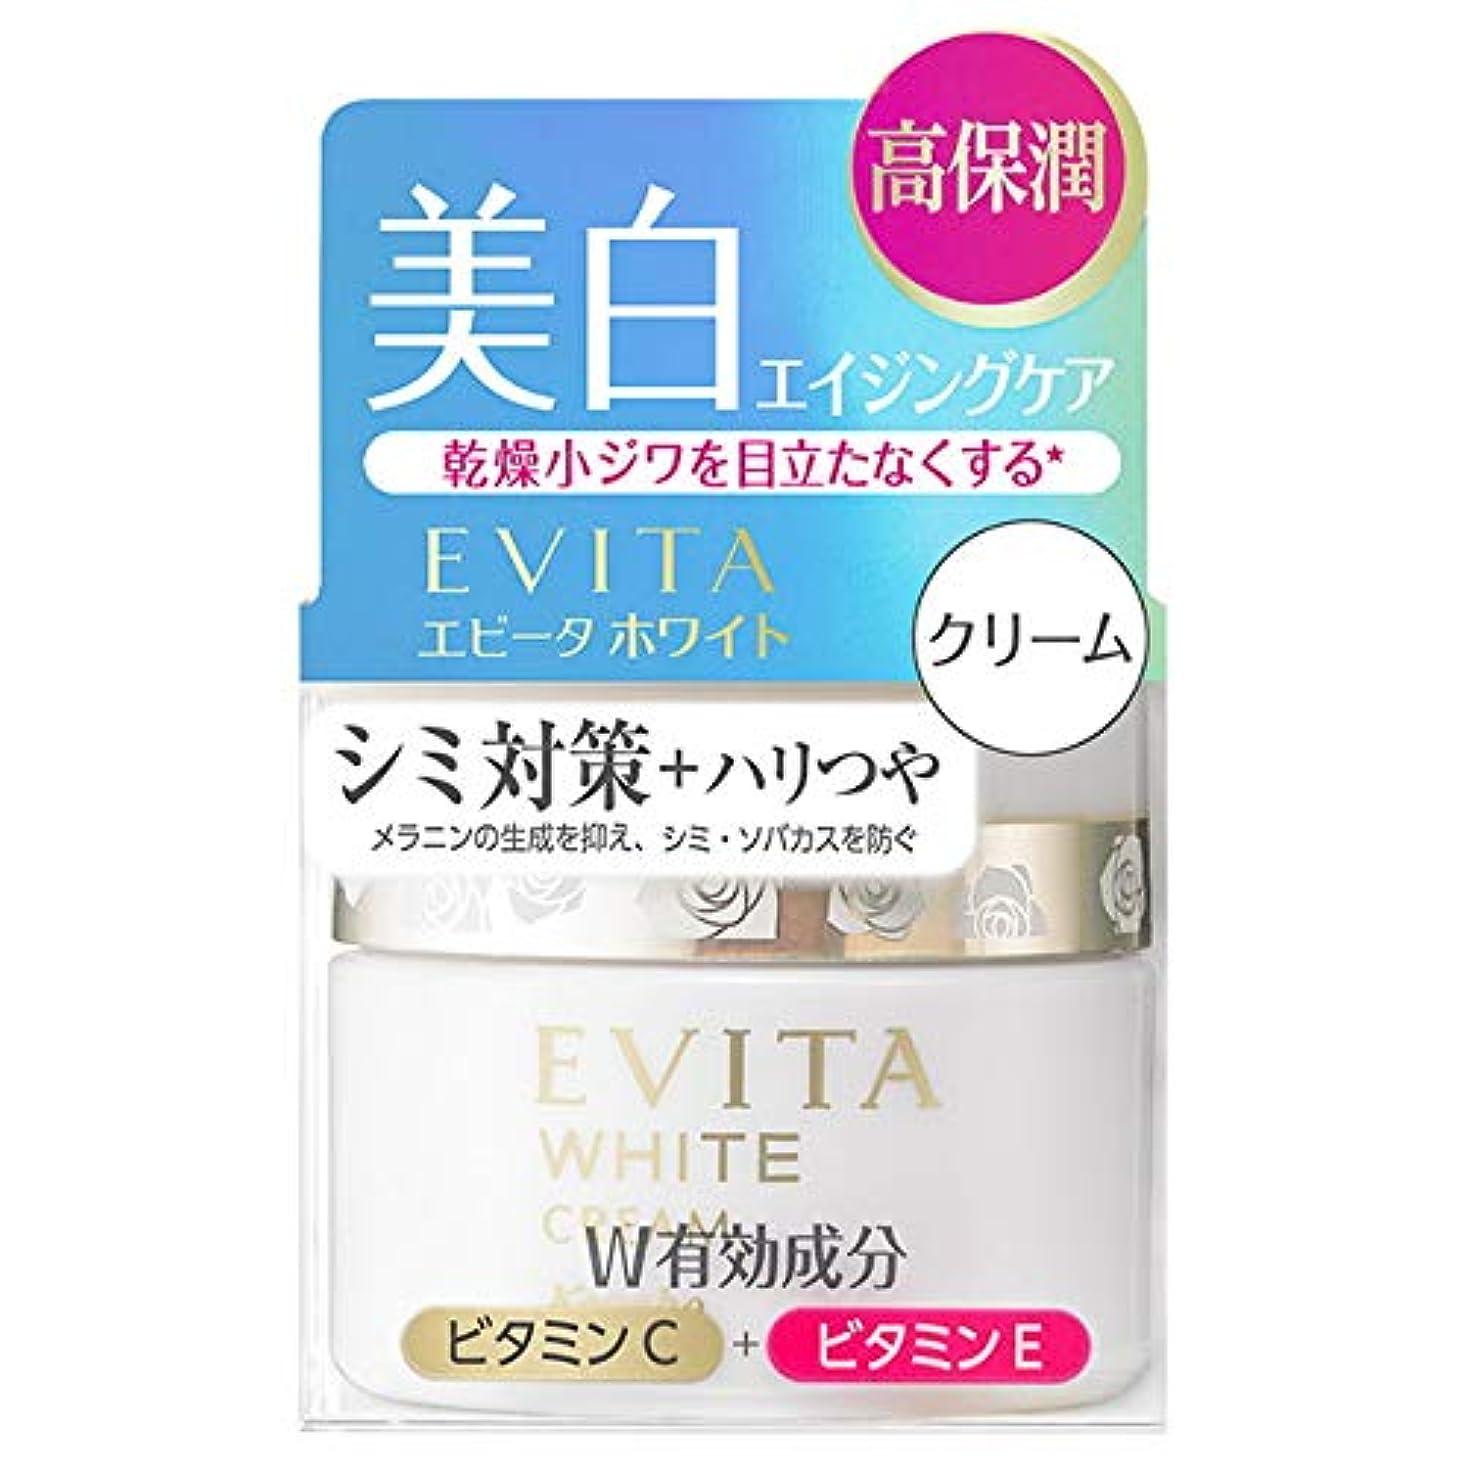 定義する冷淡なナイロンカネボウ エビータ ホワイトクリームV 35g [医薬部外品]